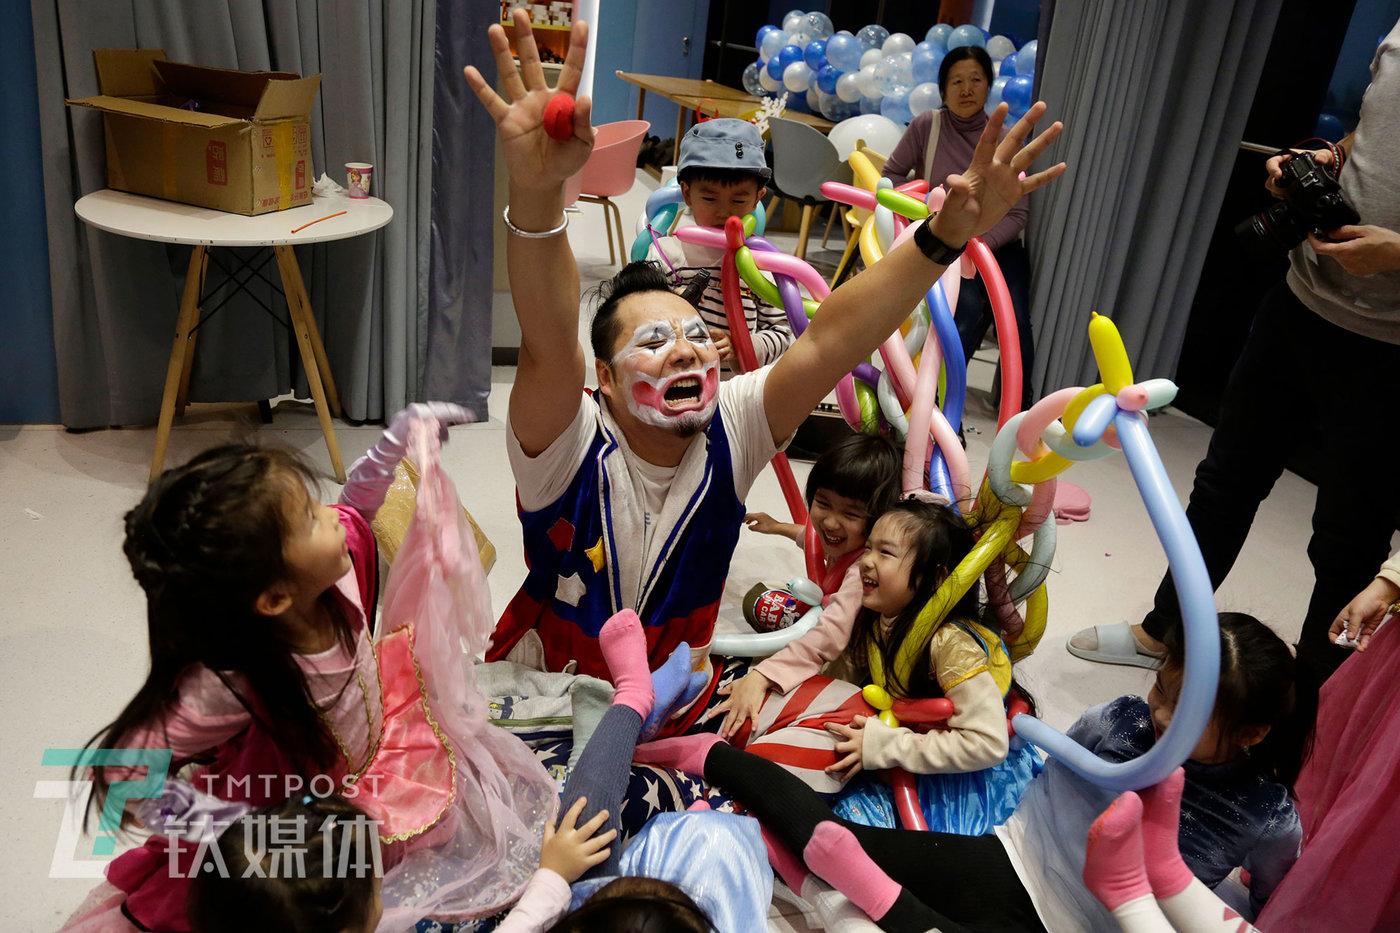 12月17日,北京达美中心亲子餐厅,一位客户孩子的生日宴上,阿绎和小朋友们做游戏。